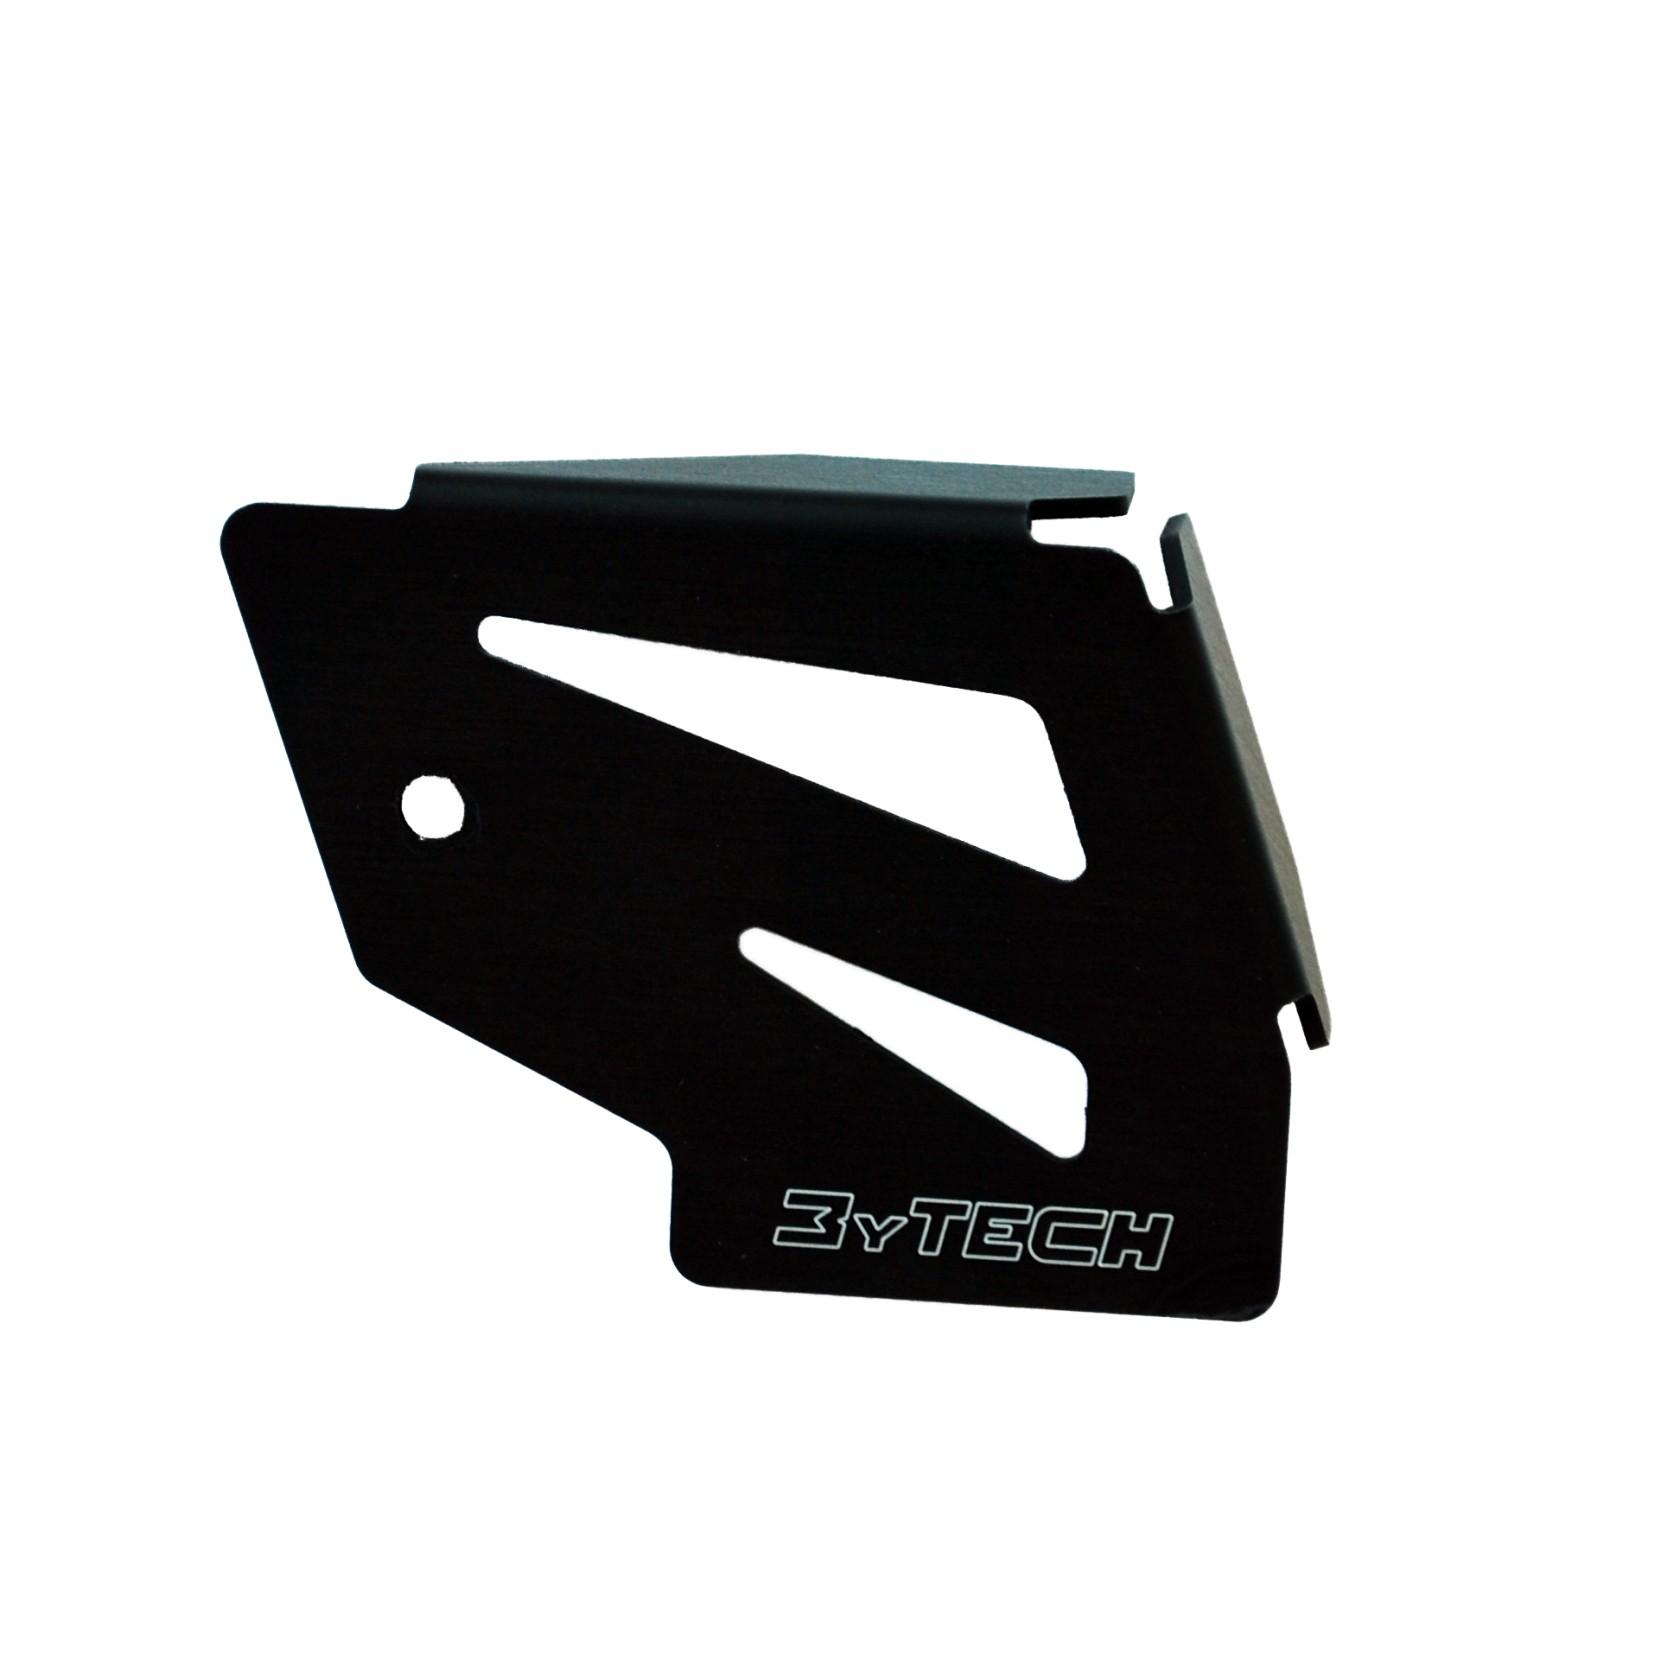 HND415-Schutz-f-r-Bremsfl-ssigkeitsbeh-lter-hinten-schwarz-Honda-CRF-1000-L-Africa-Twin_1680x1680